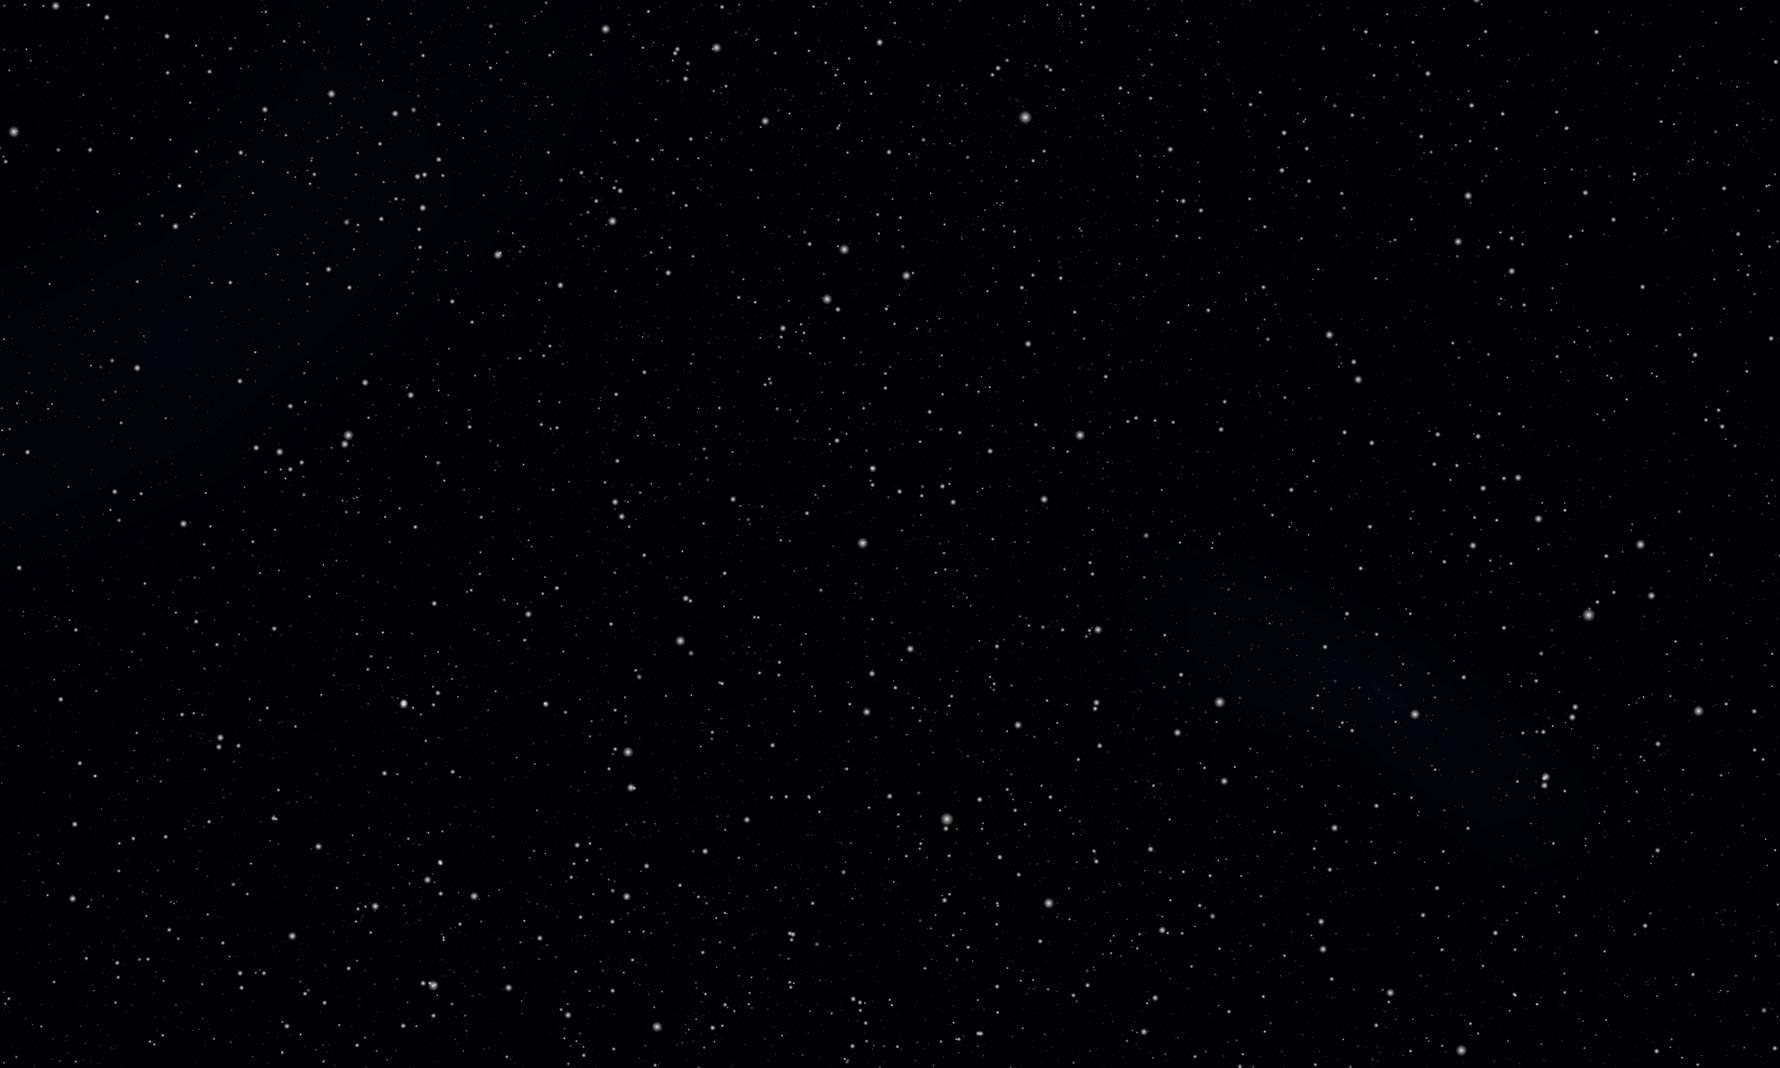 Ein leicht beleuchteter Sternenhimmel